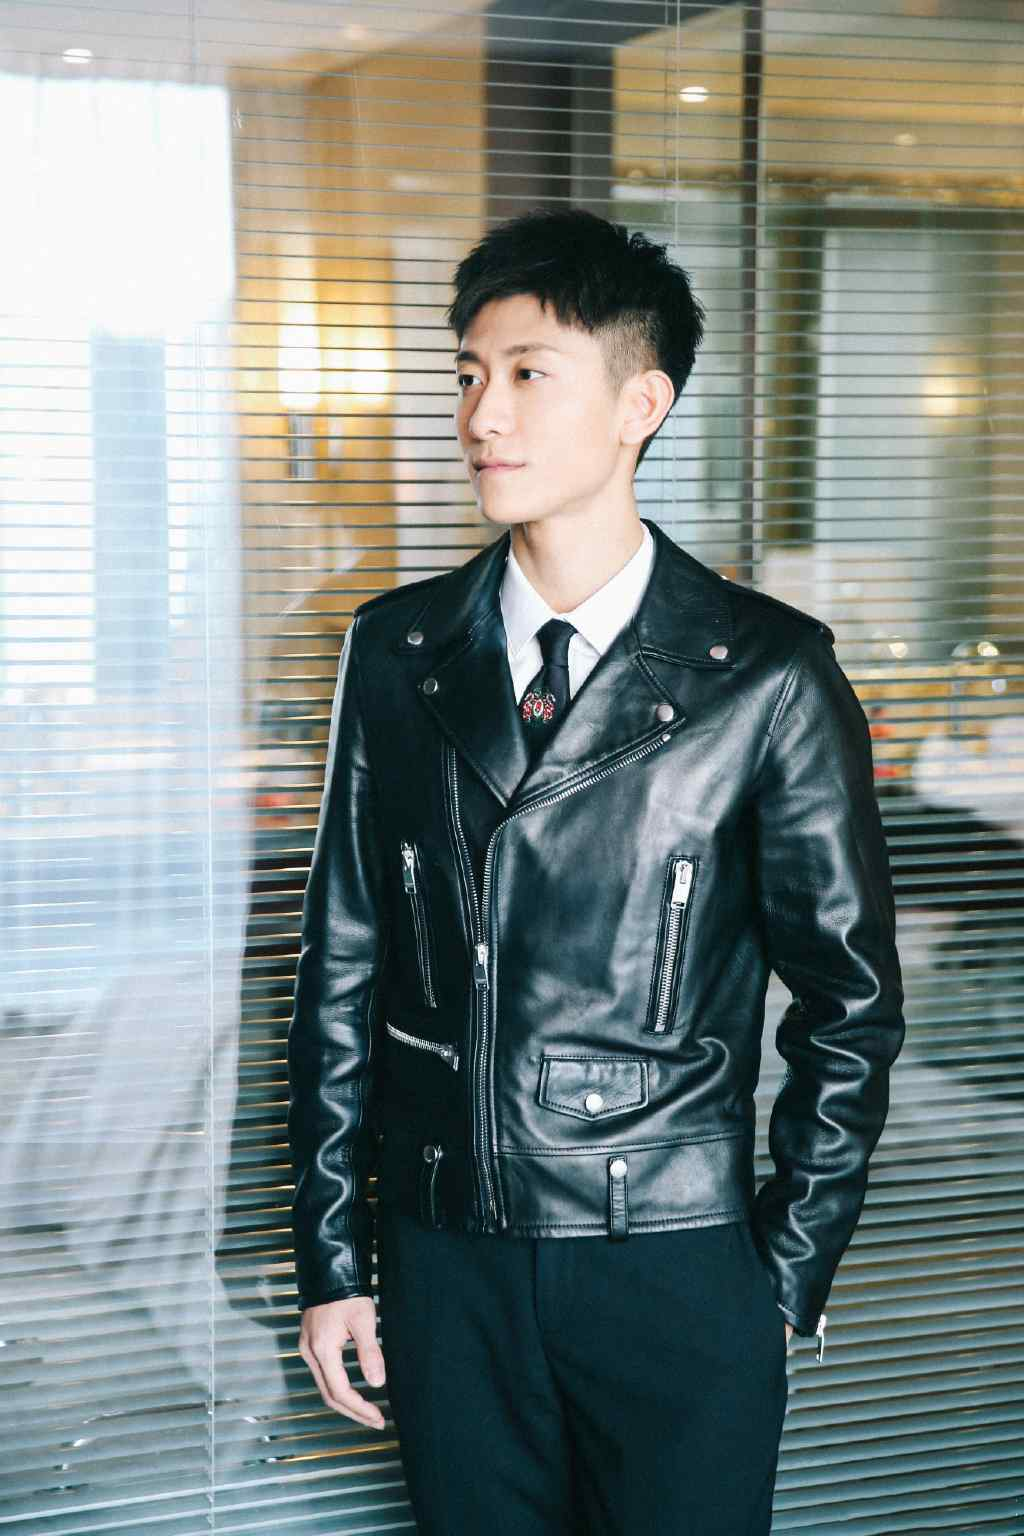 张一山黑色皮衣帅气写真图片